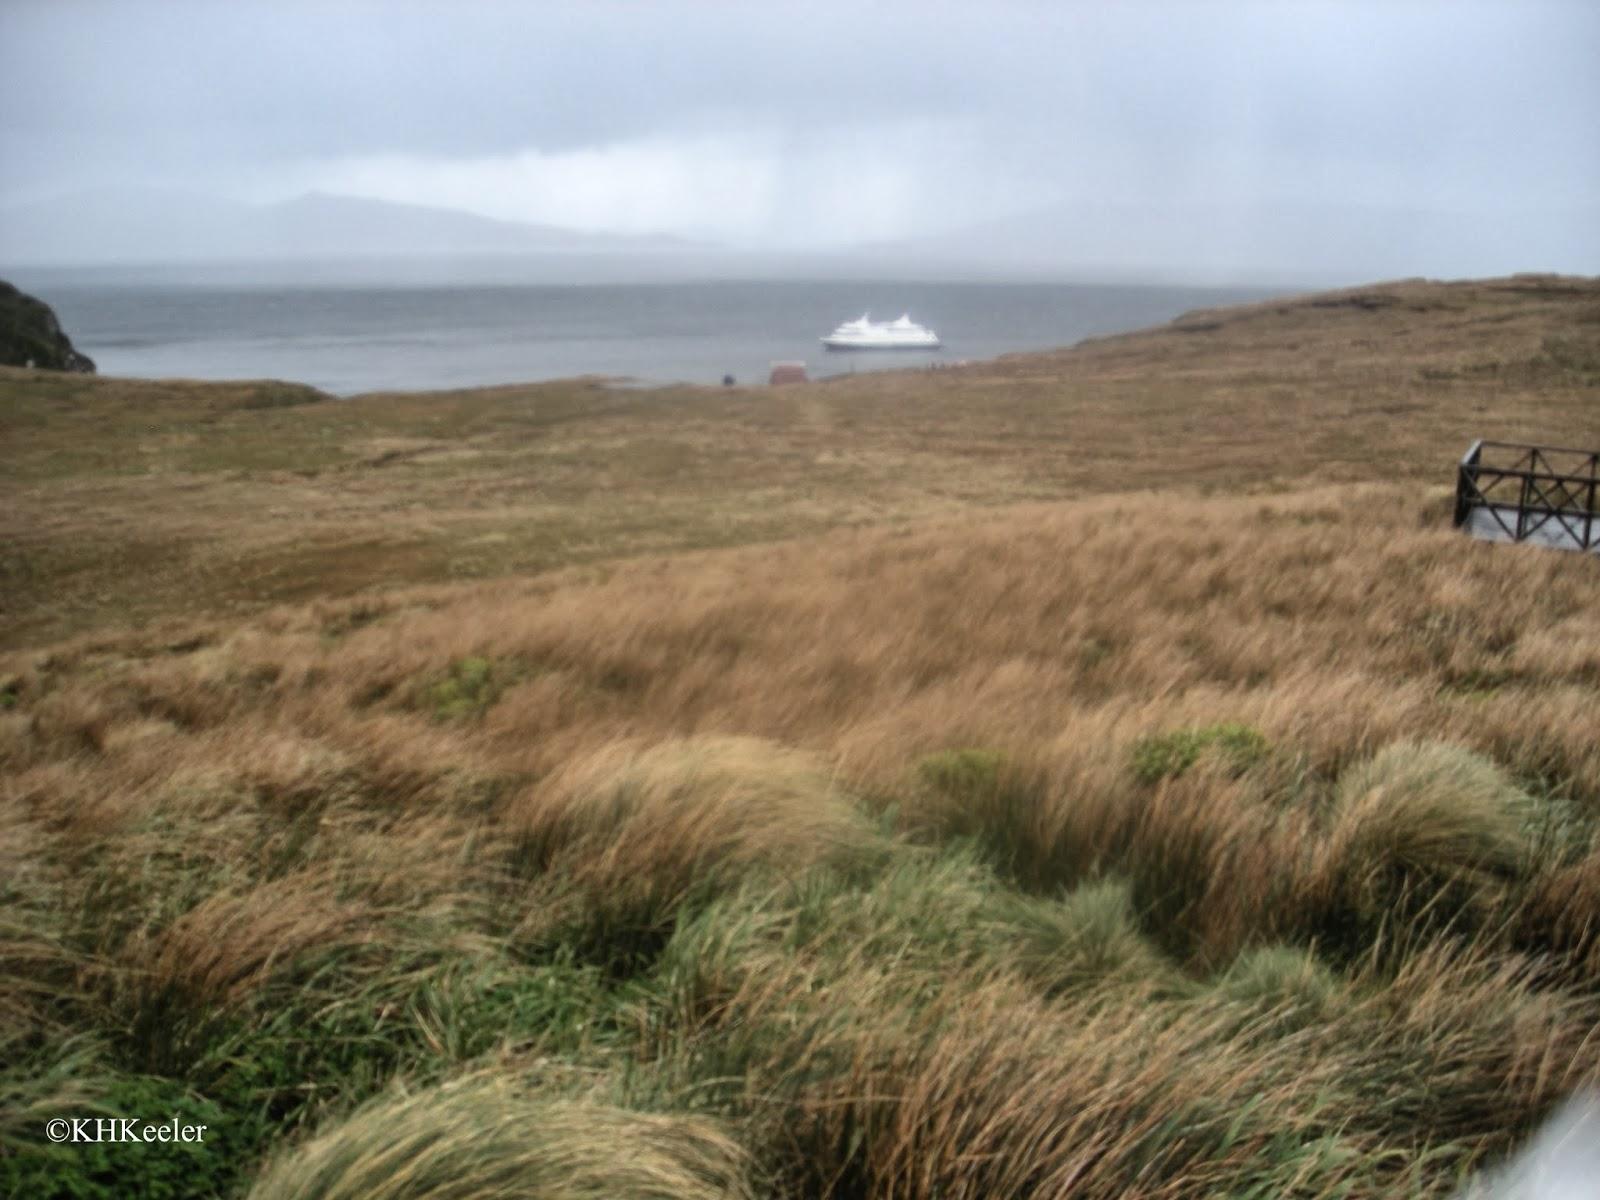 Cape Horn landscape